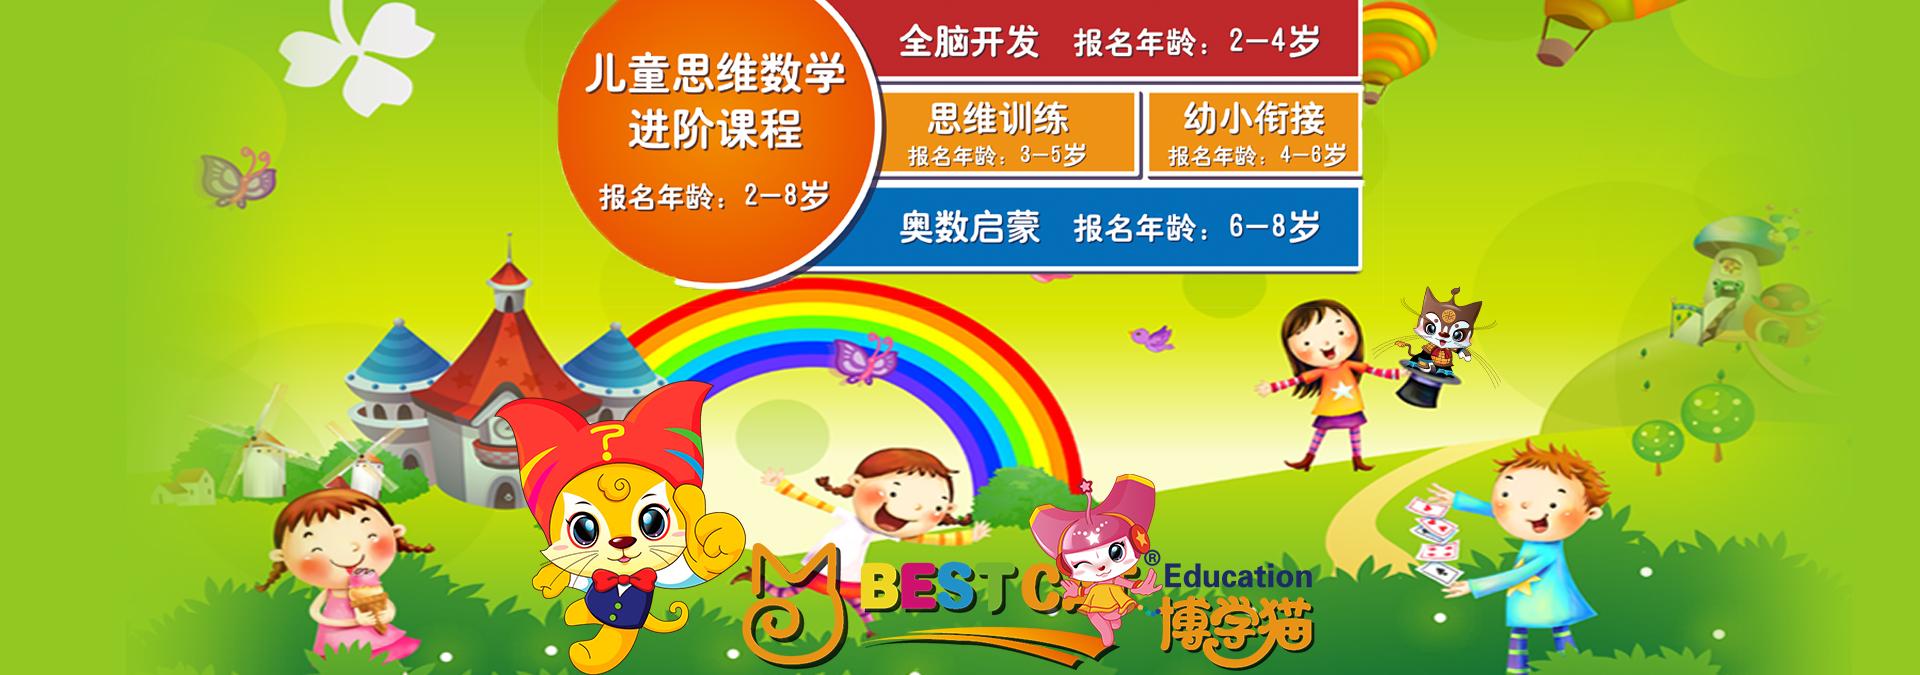 沈阳幼小衔接培训加入佛山网站推广公司定制一套网站推广优化软件